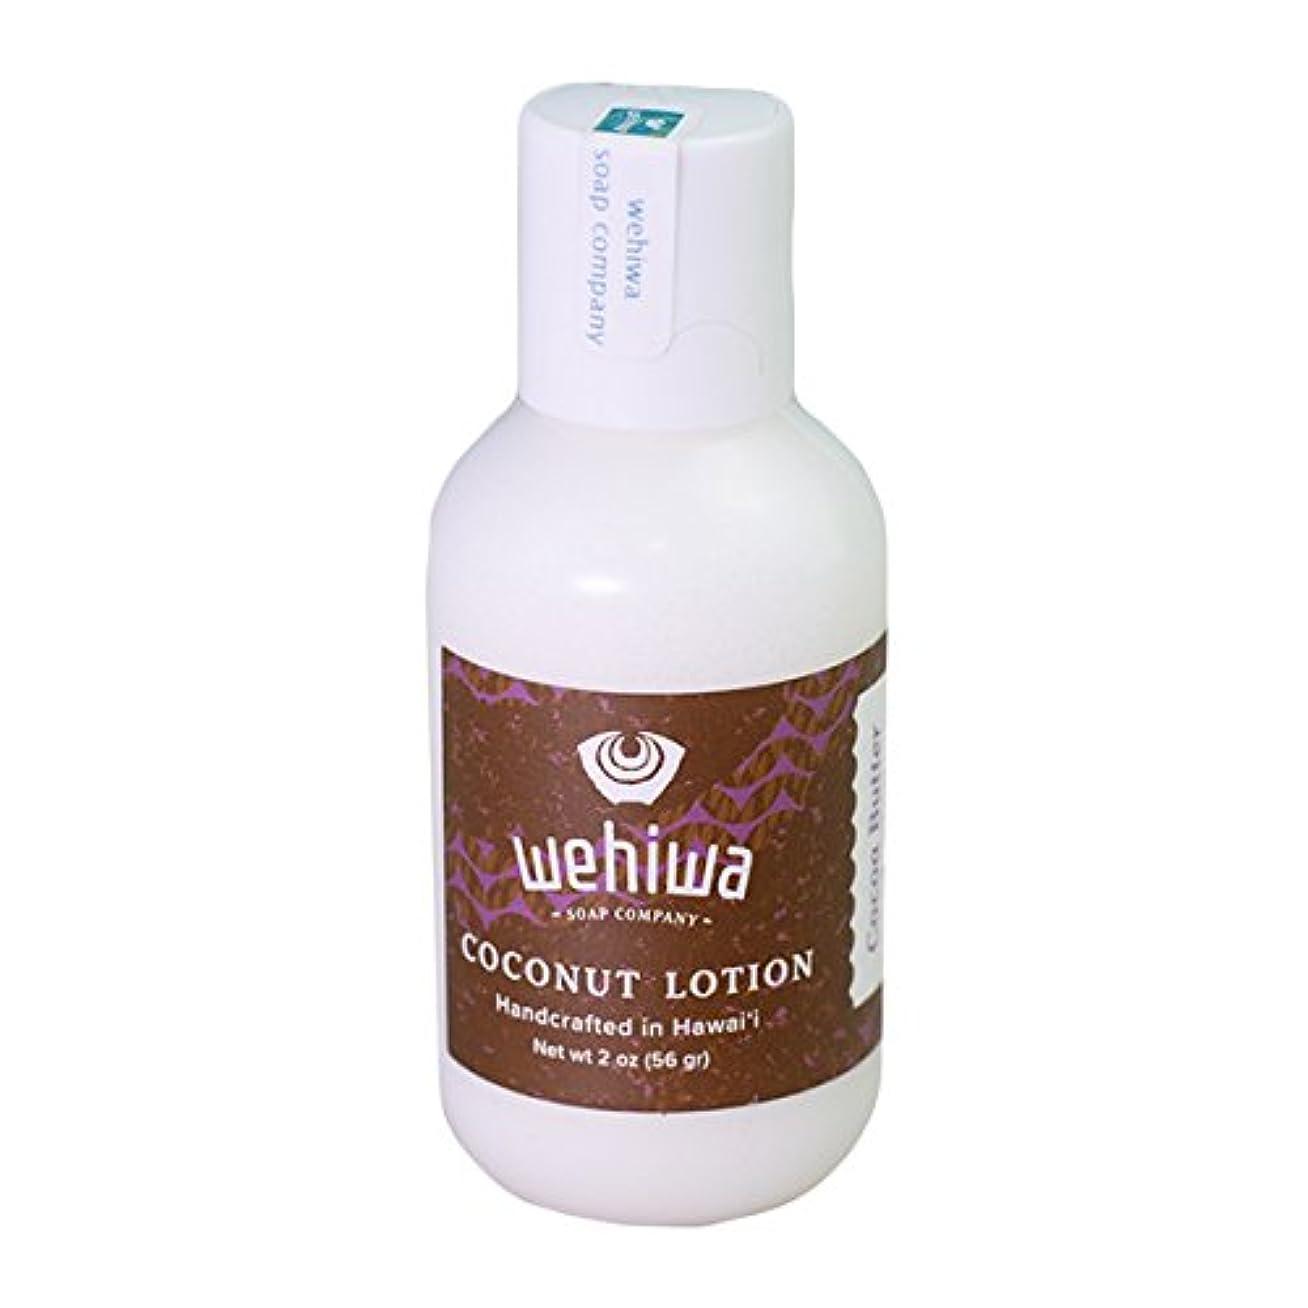 肉原子炉パットWehiwa ヴェヒヴァ Cocoa Butter Lotion ココアバターローション ココナッツ